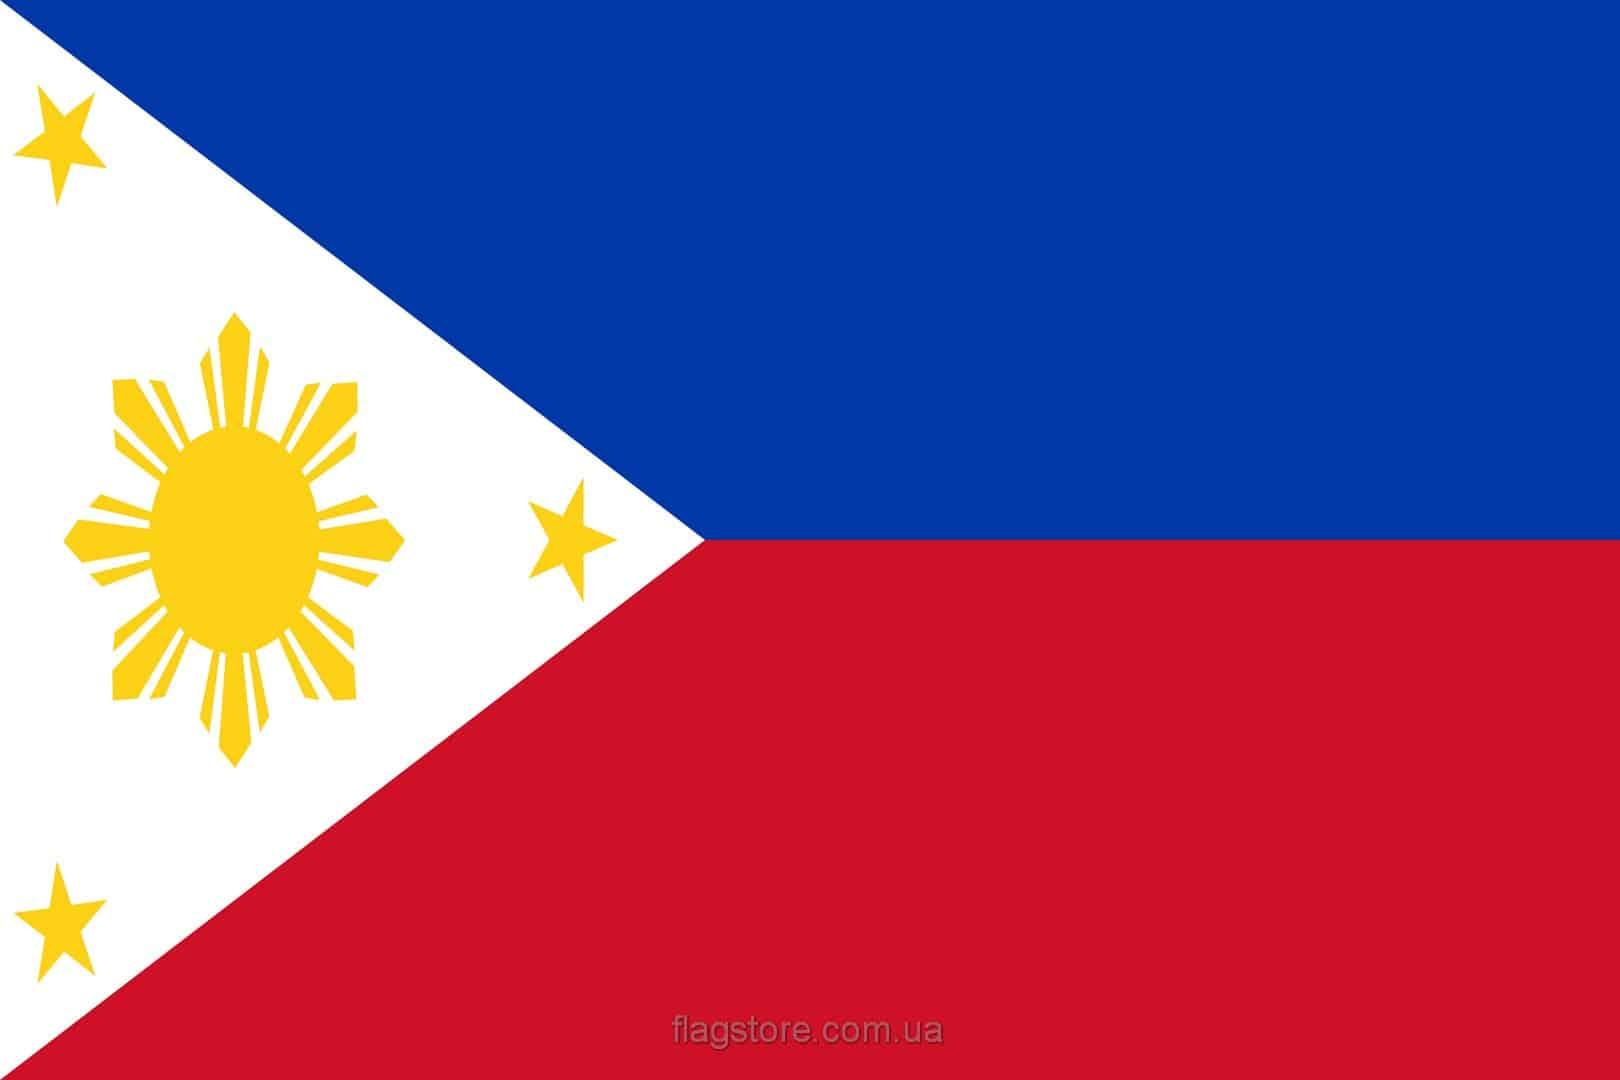 Купить флаг Филиппин (страны Филиппины)